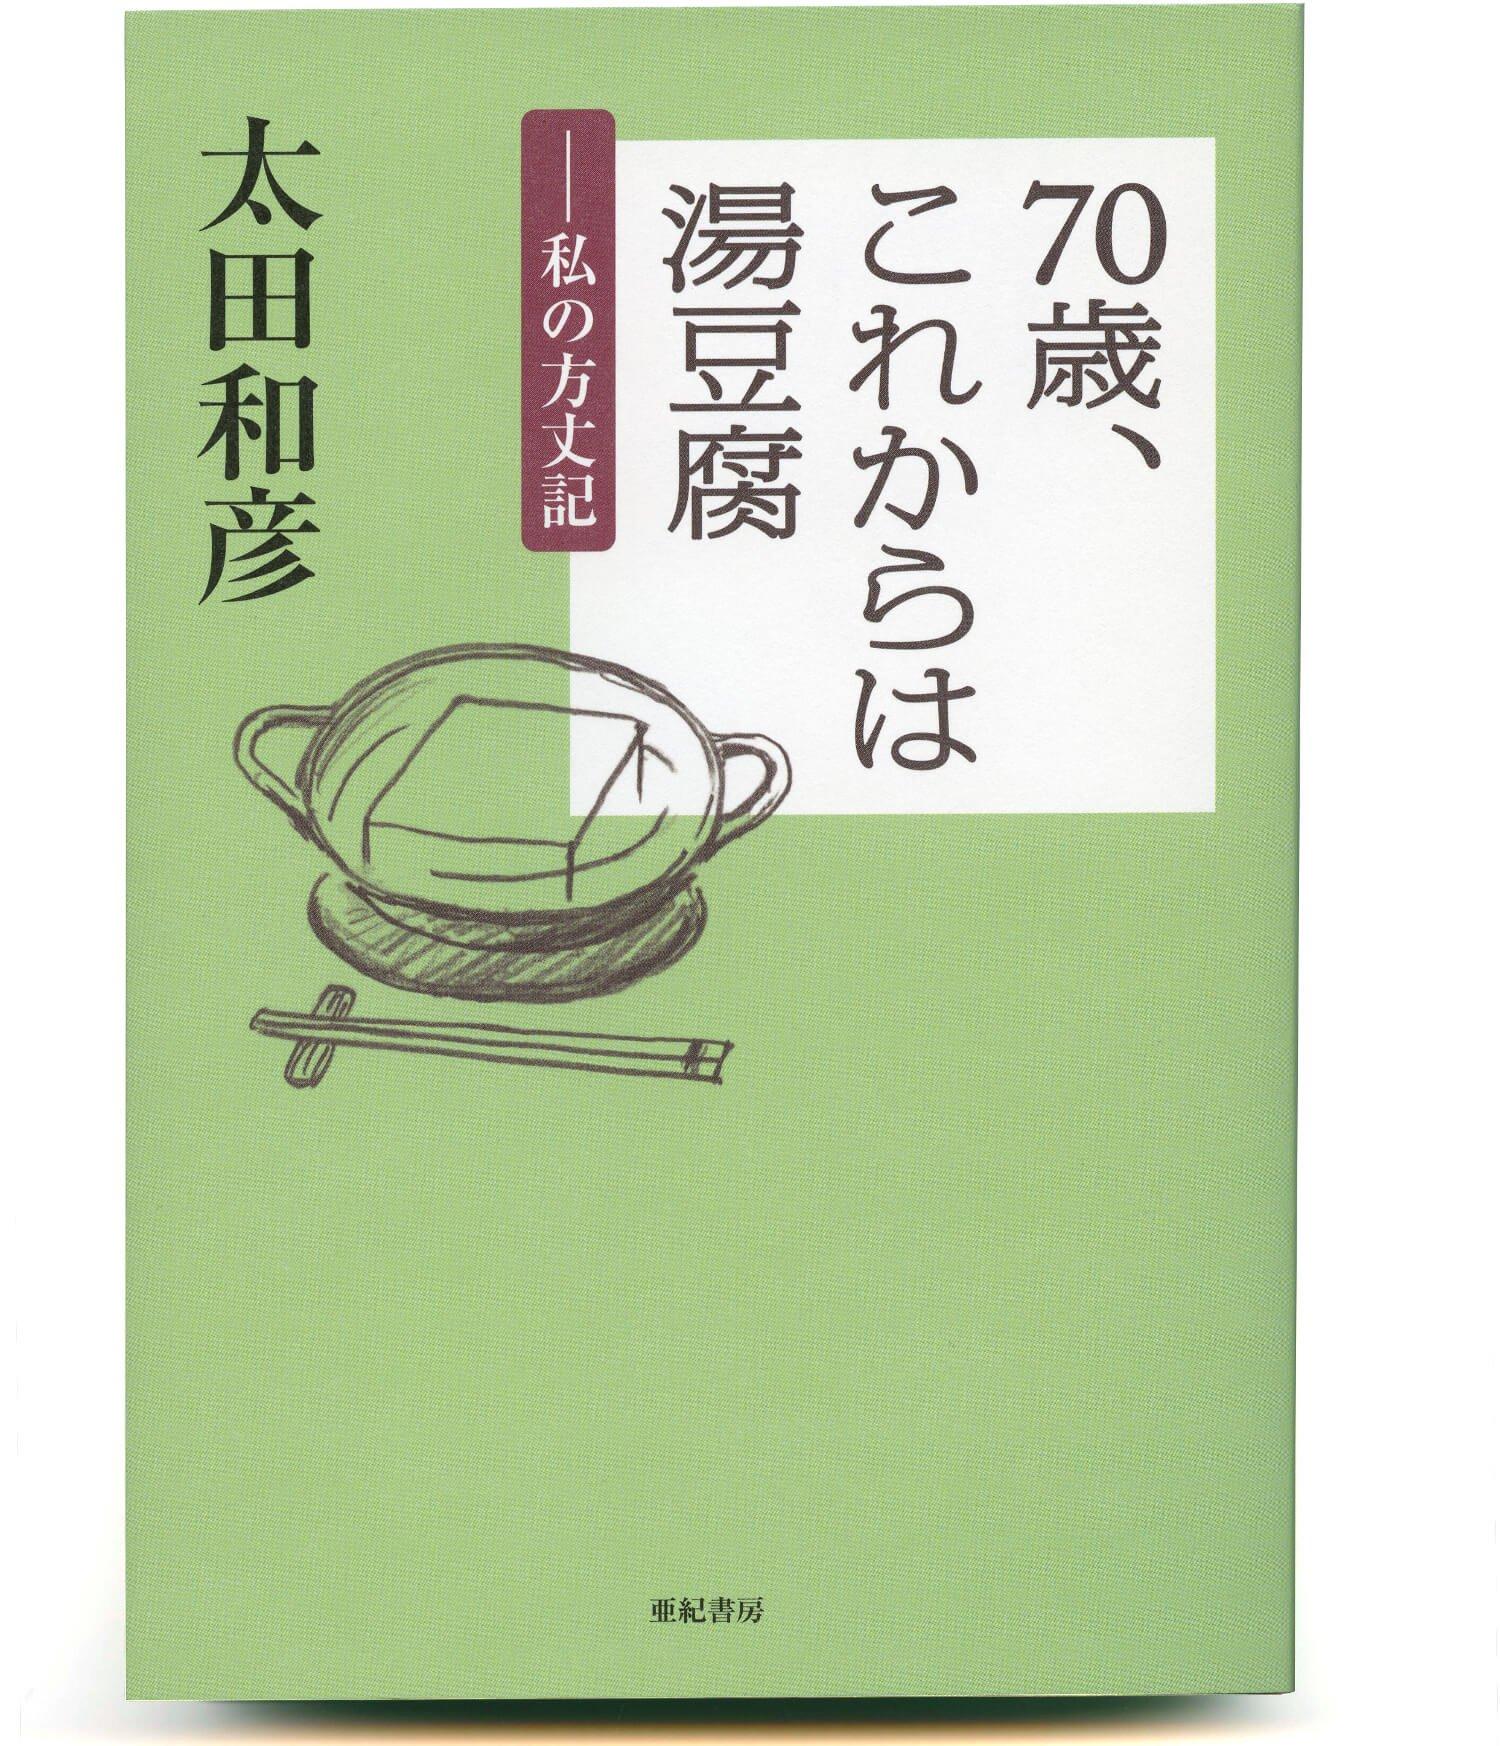 太田和彦 著/ 亜紀書房/ 1300 円+税